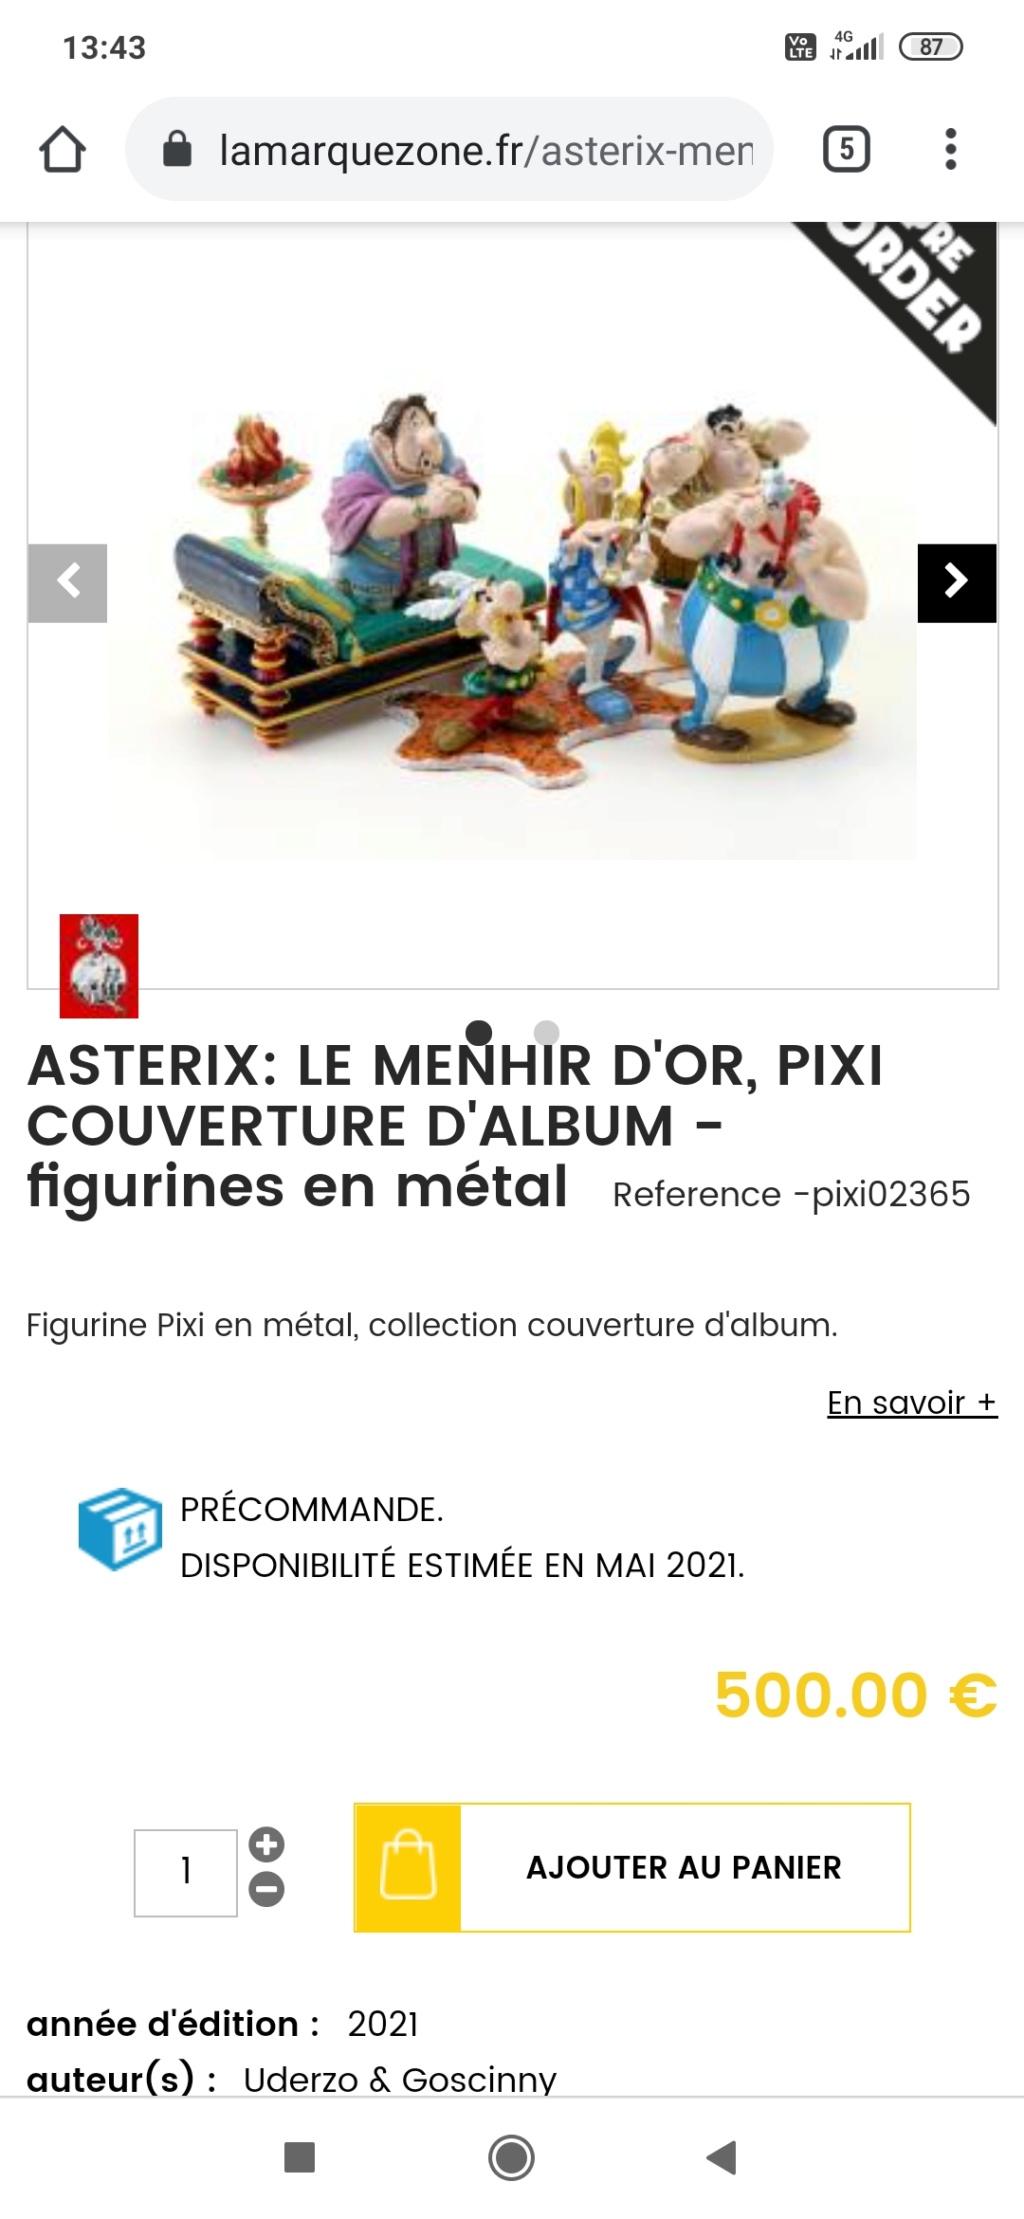 Astérix Le Menhir d'Or par Pixi Screen14